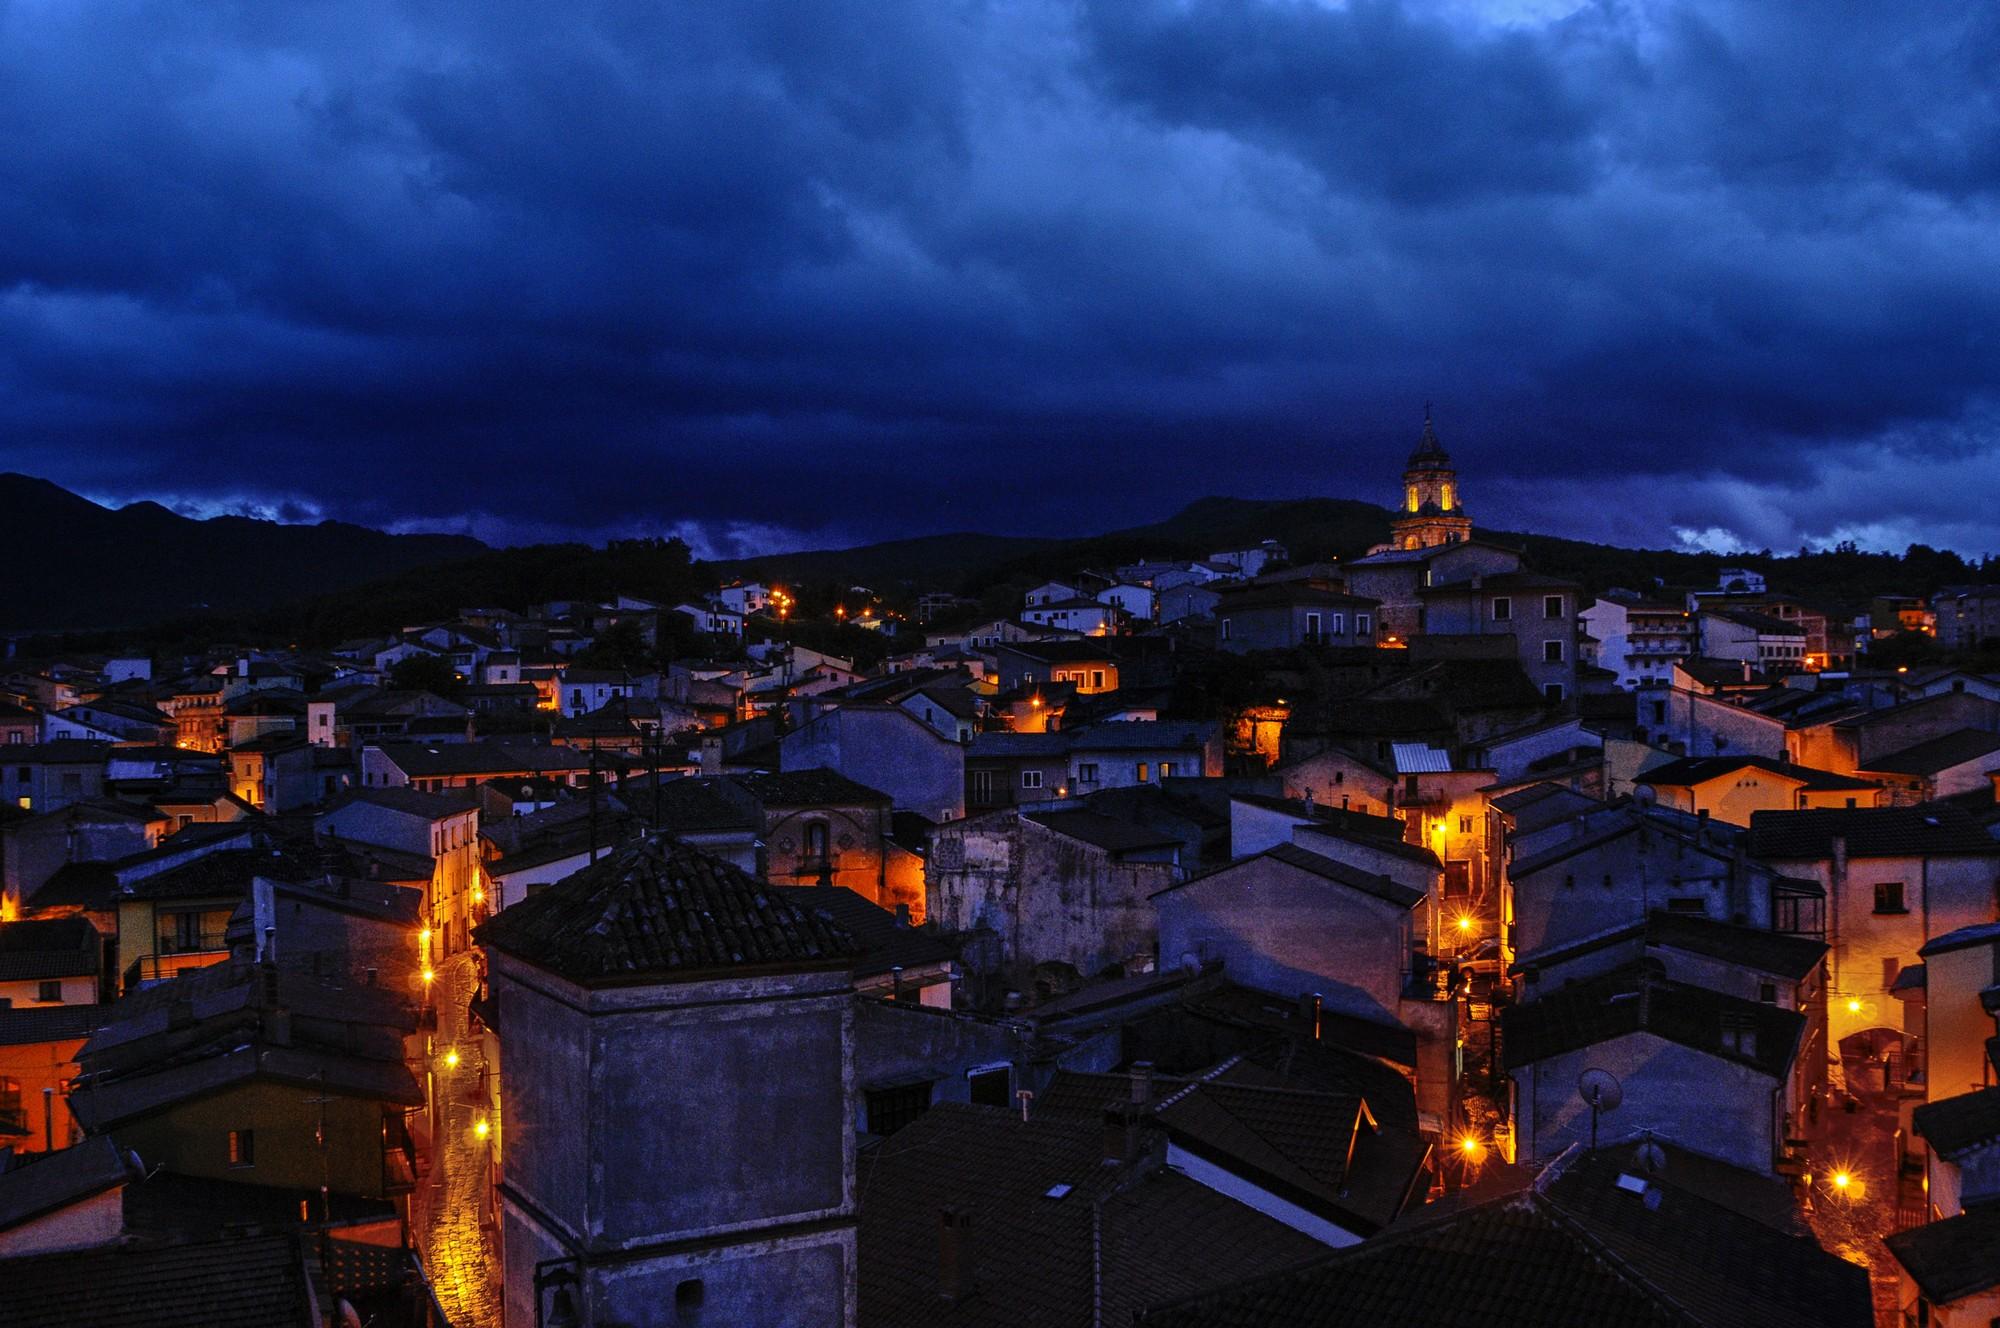 Notturno di Satriano di Lucania - ©Foto Massimo Vicinanza per goBasilicata